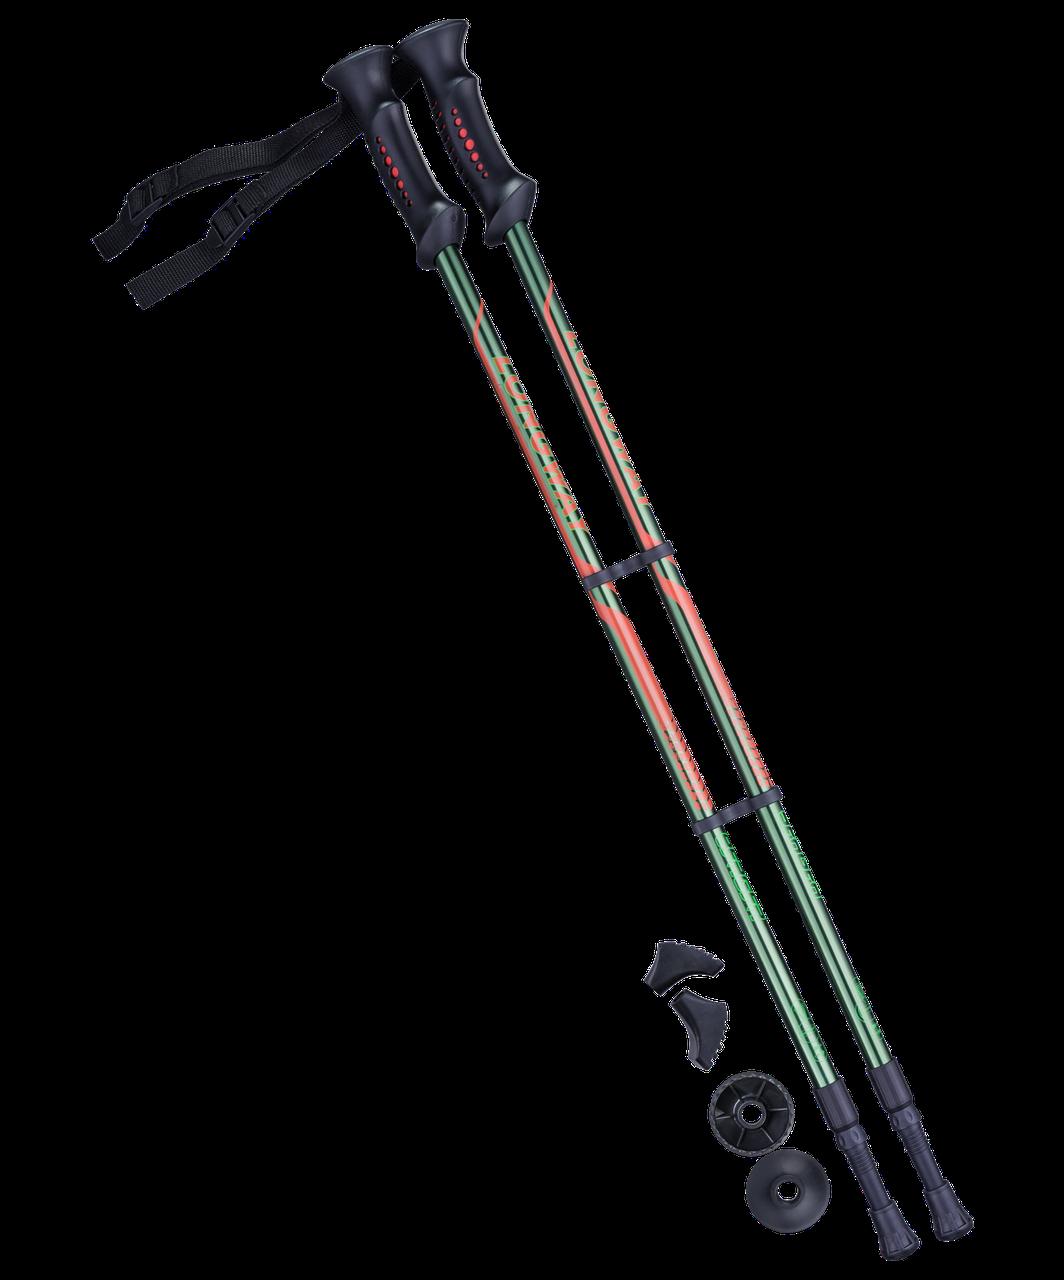 Палки для скандинавской ходьбы Longway, 77-135 см, 2-секционные, чёрный/ярко-зелёный Berger